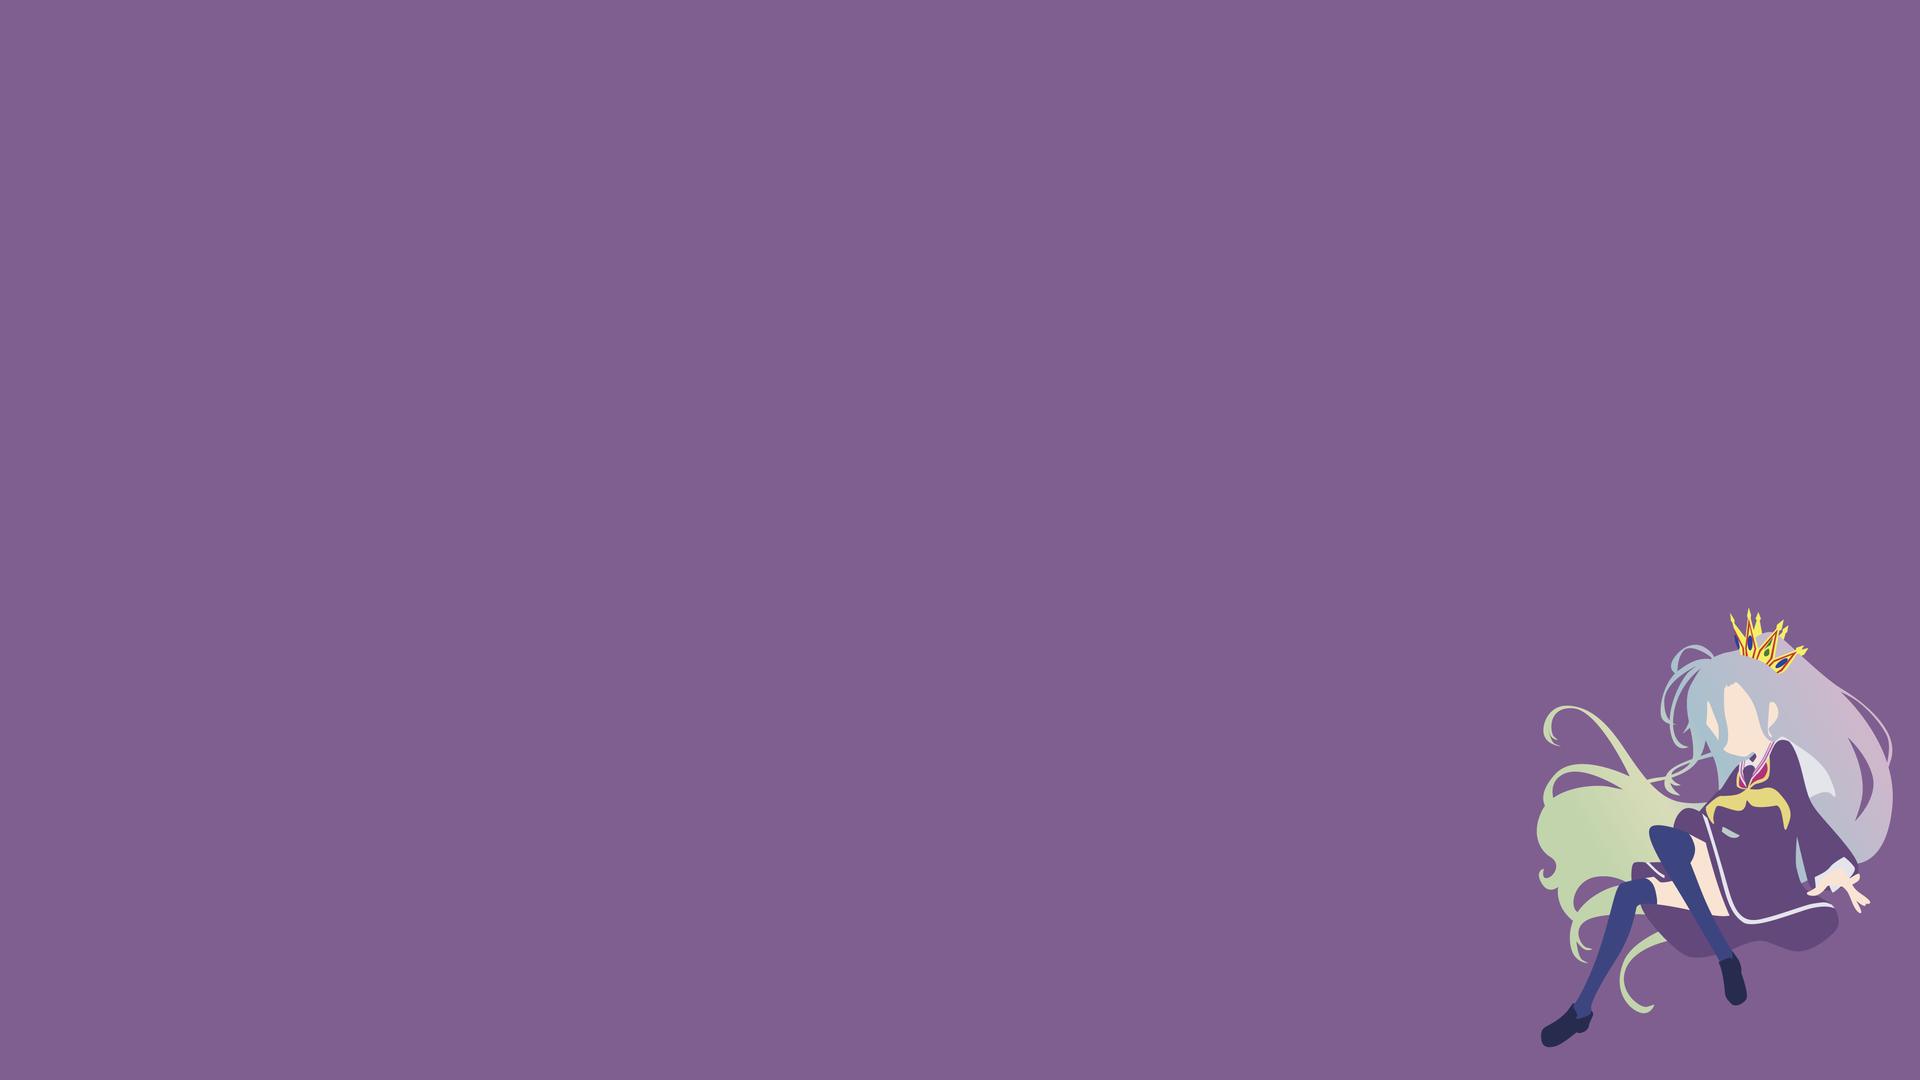 Anime 1920x1080 Shiro (No Game No Life) minimalism No Game No Life